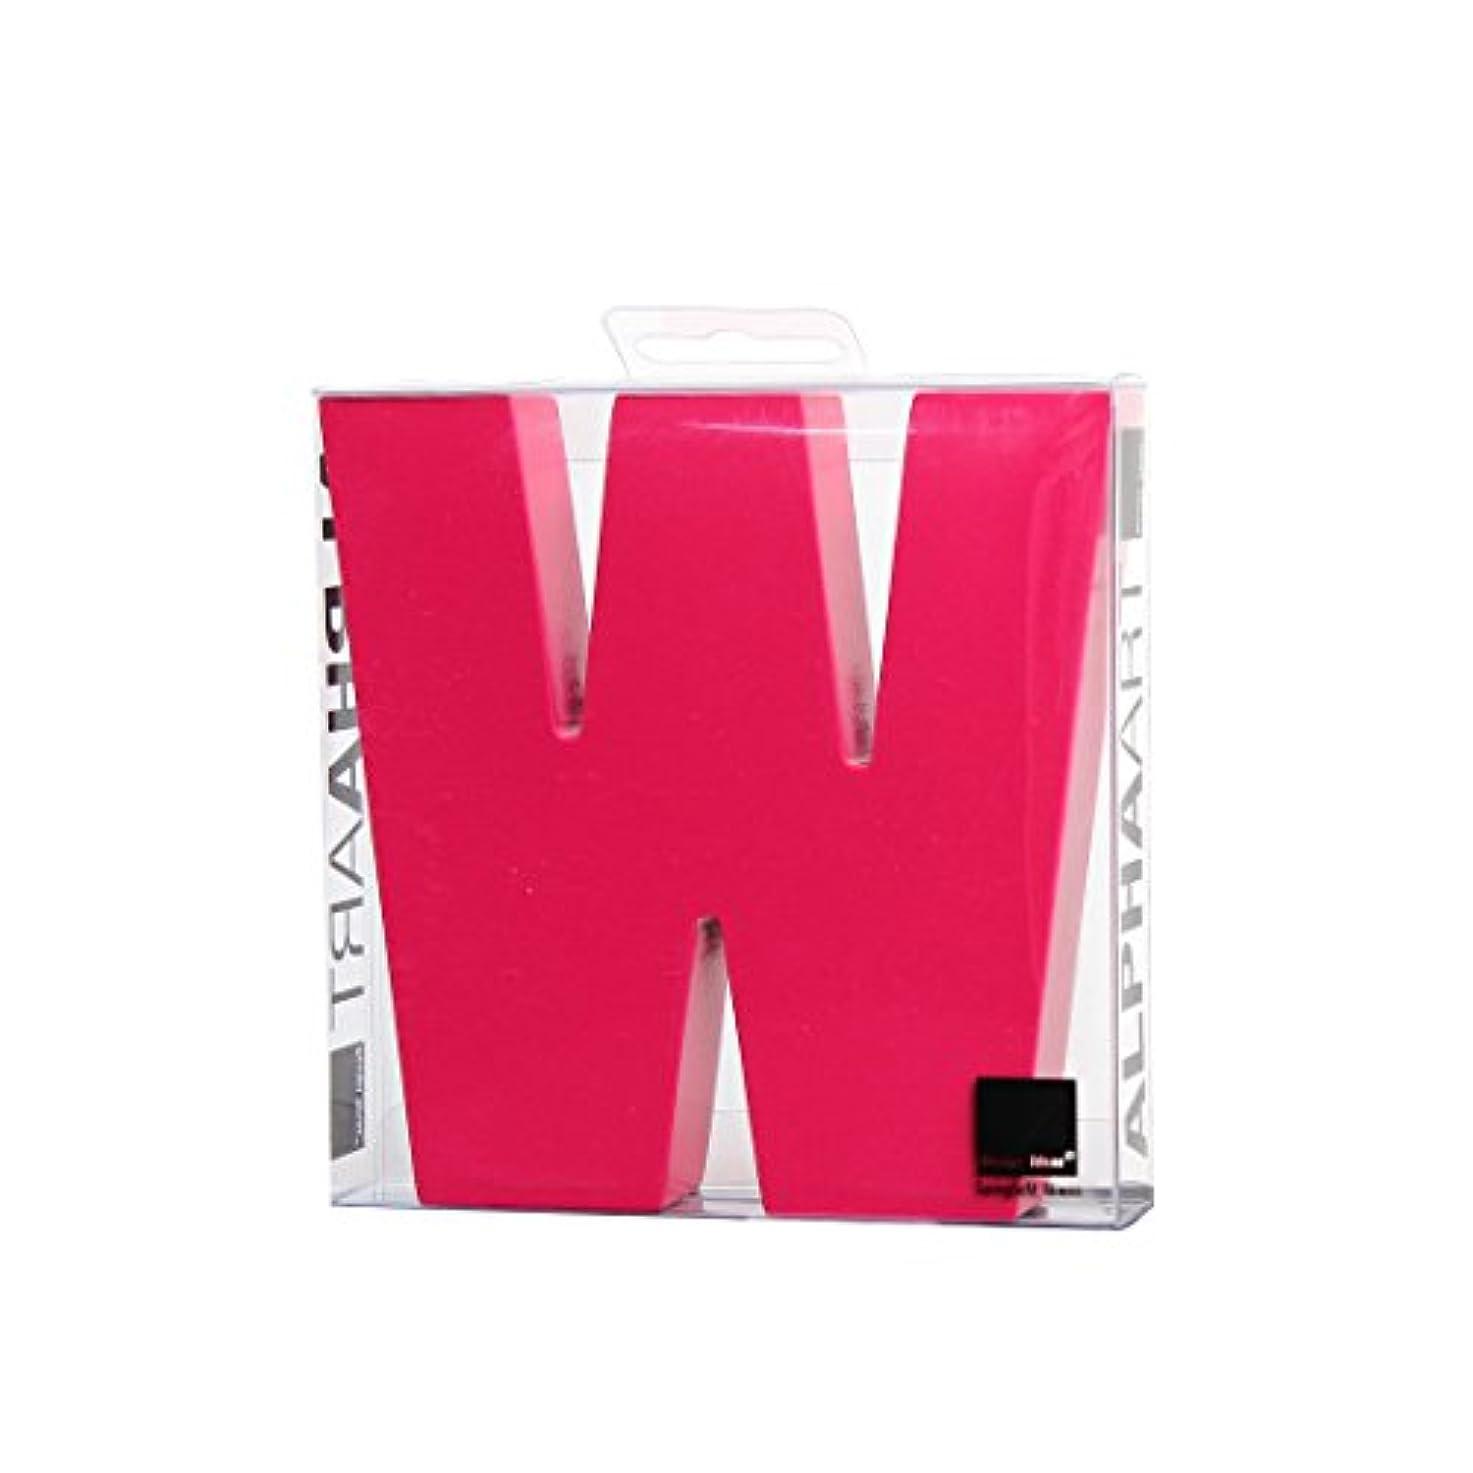 メリー重要性三番カメヤマキャンドルハウス アルファベットブロック カラフル  アルファアートラージW 「 ピンク 」